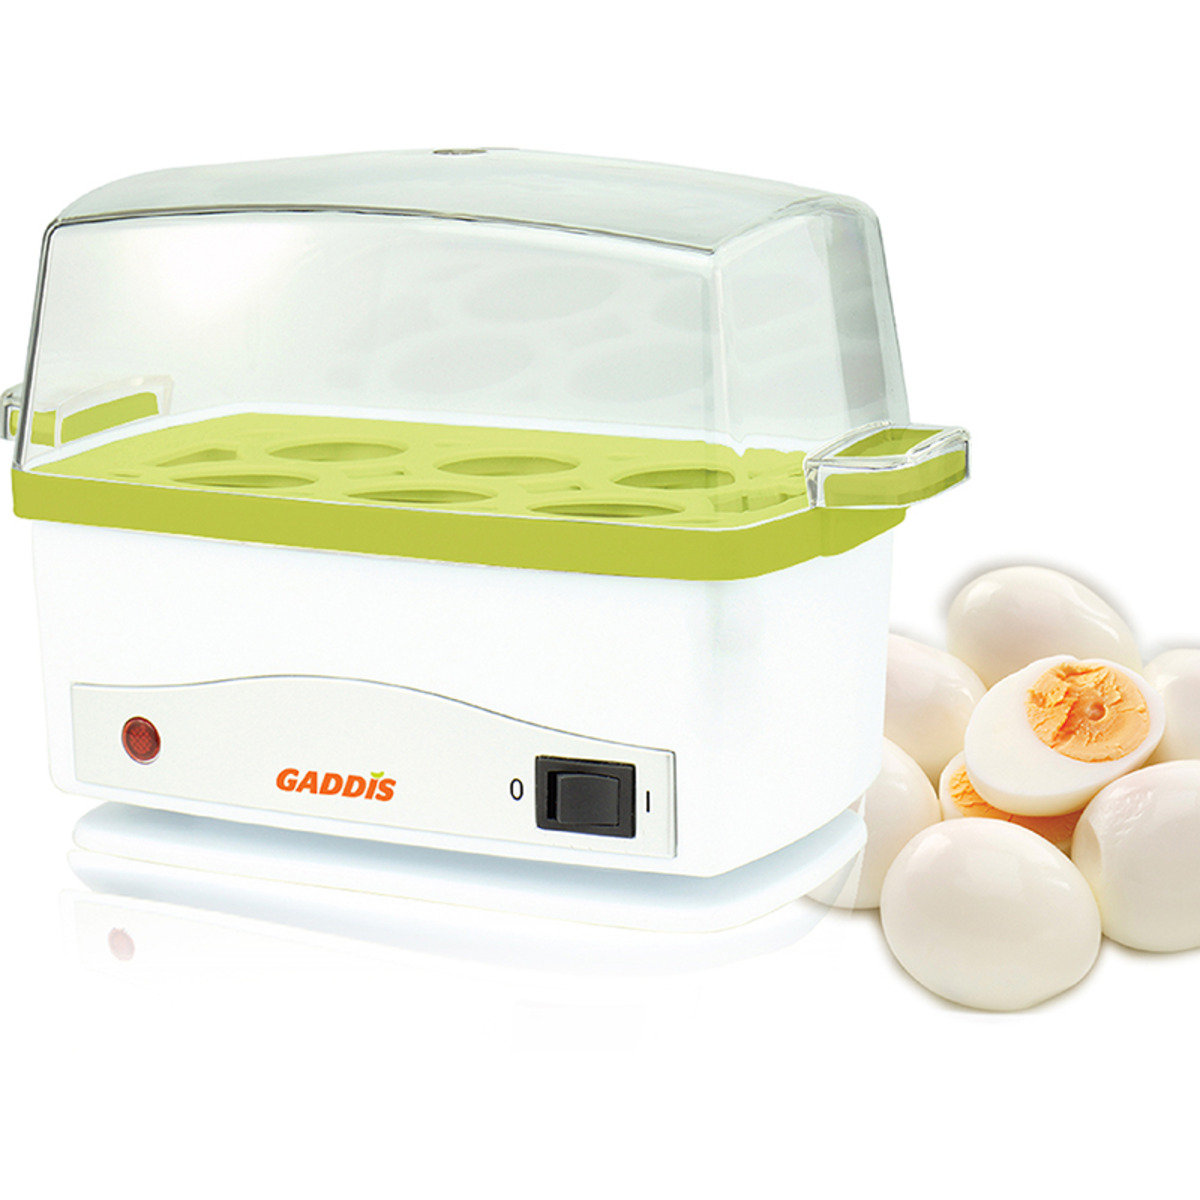 自動計時多功能蒸蛋蒸飯器 (綠色)